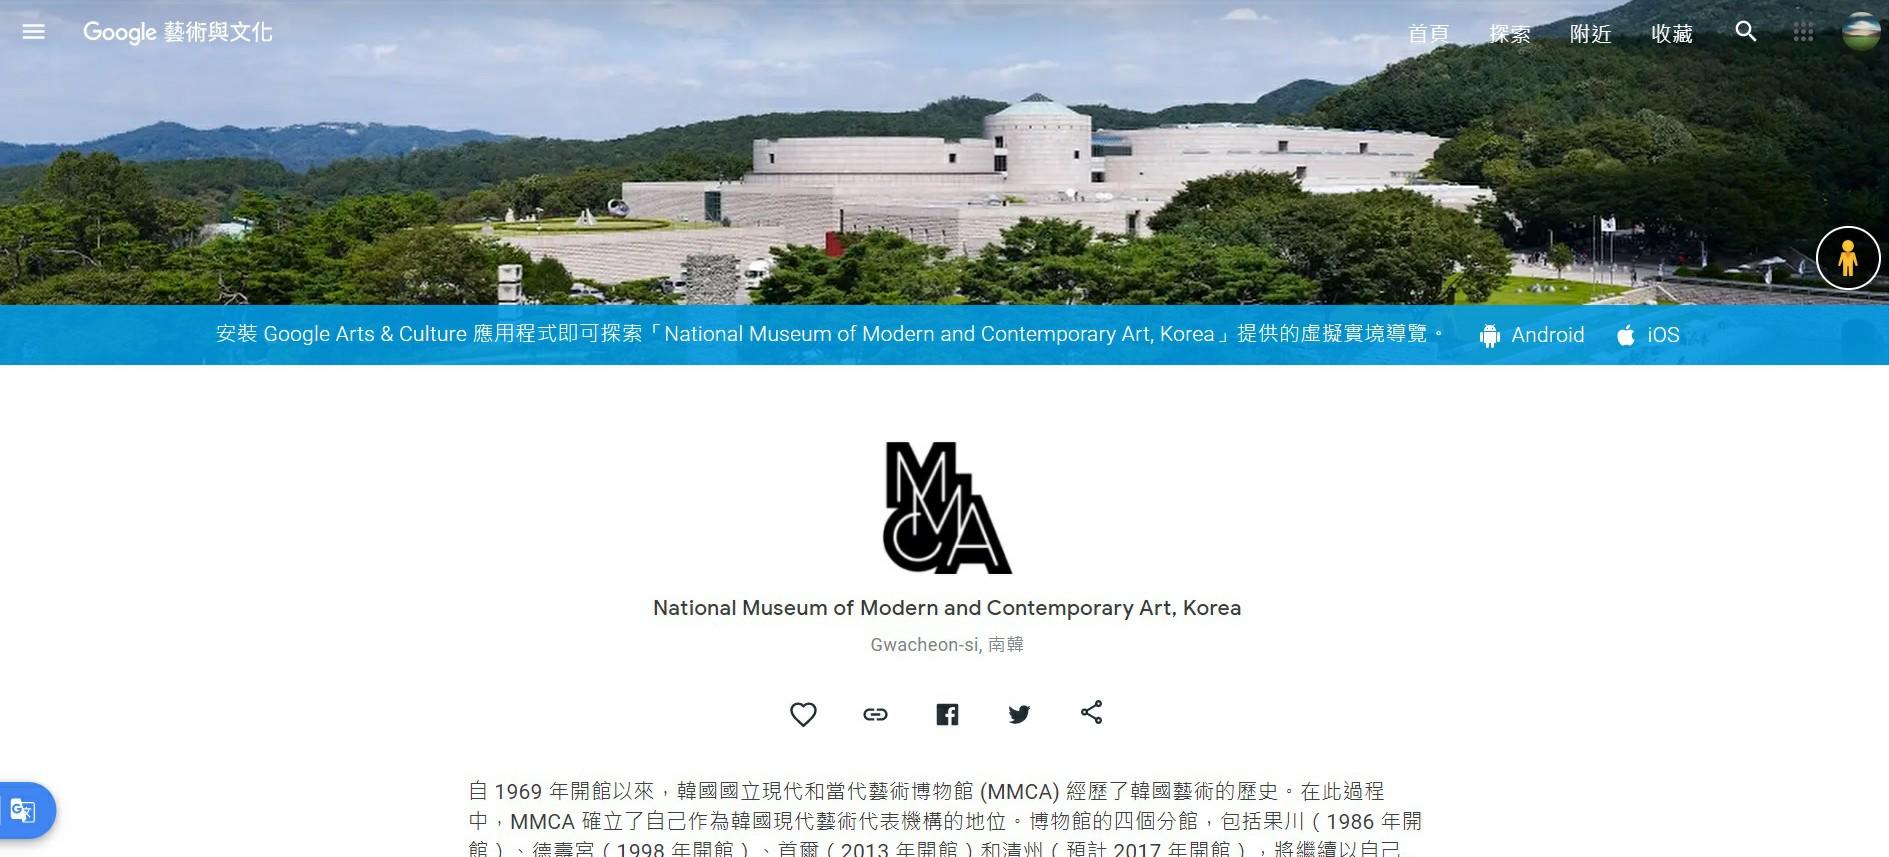 MMCA,韓國國立現代藝術博物館,首爾國立現代美術館,韓國首爾MMCA,Google Arts & Culture,Google 藝術與文化,虛擬實境美術館,線上展覽,線上美術館,首爾美術館,首爾博物館